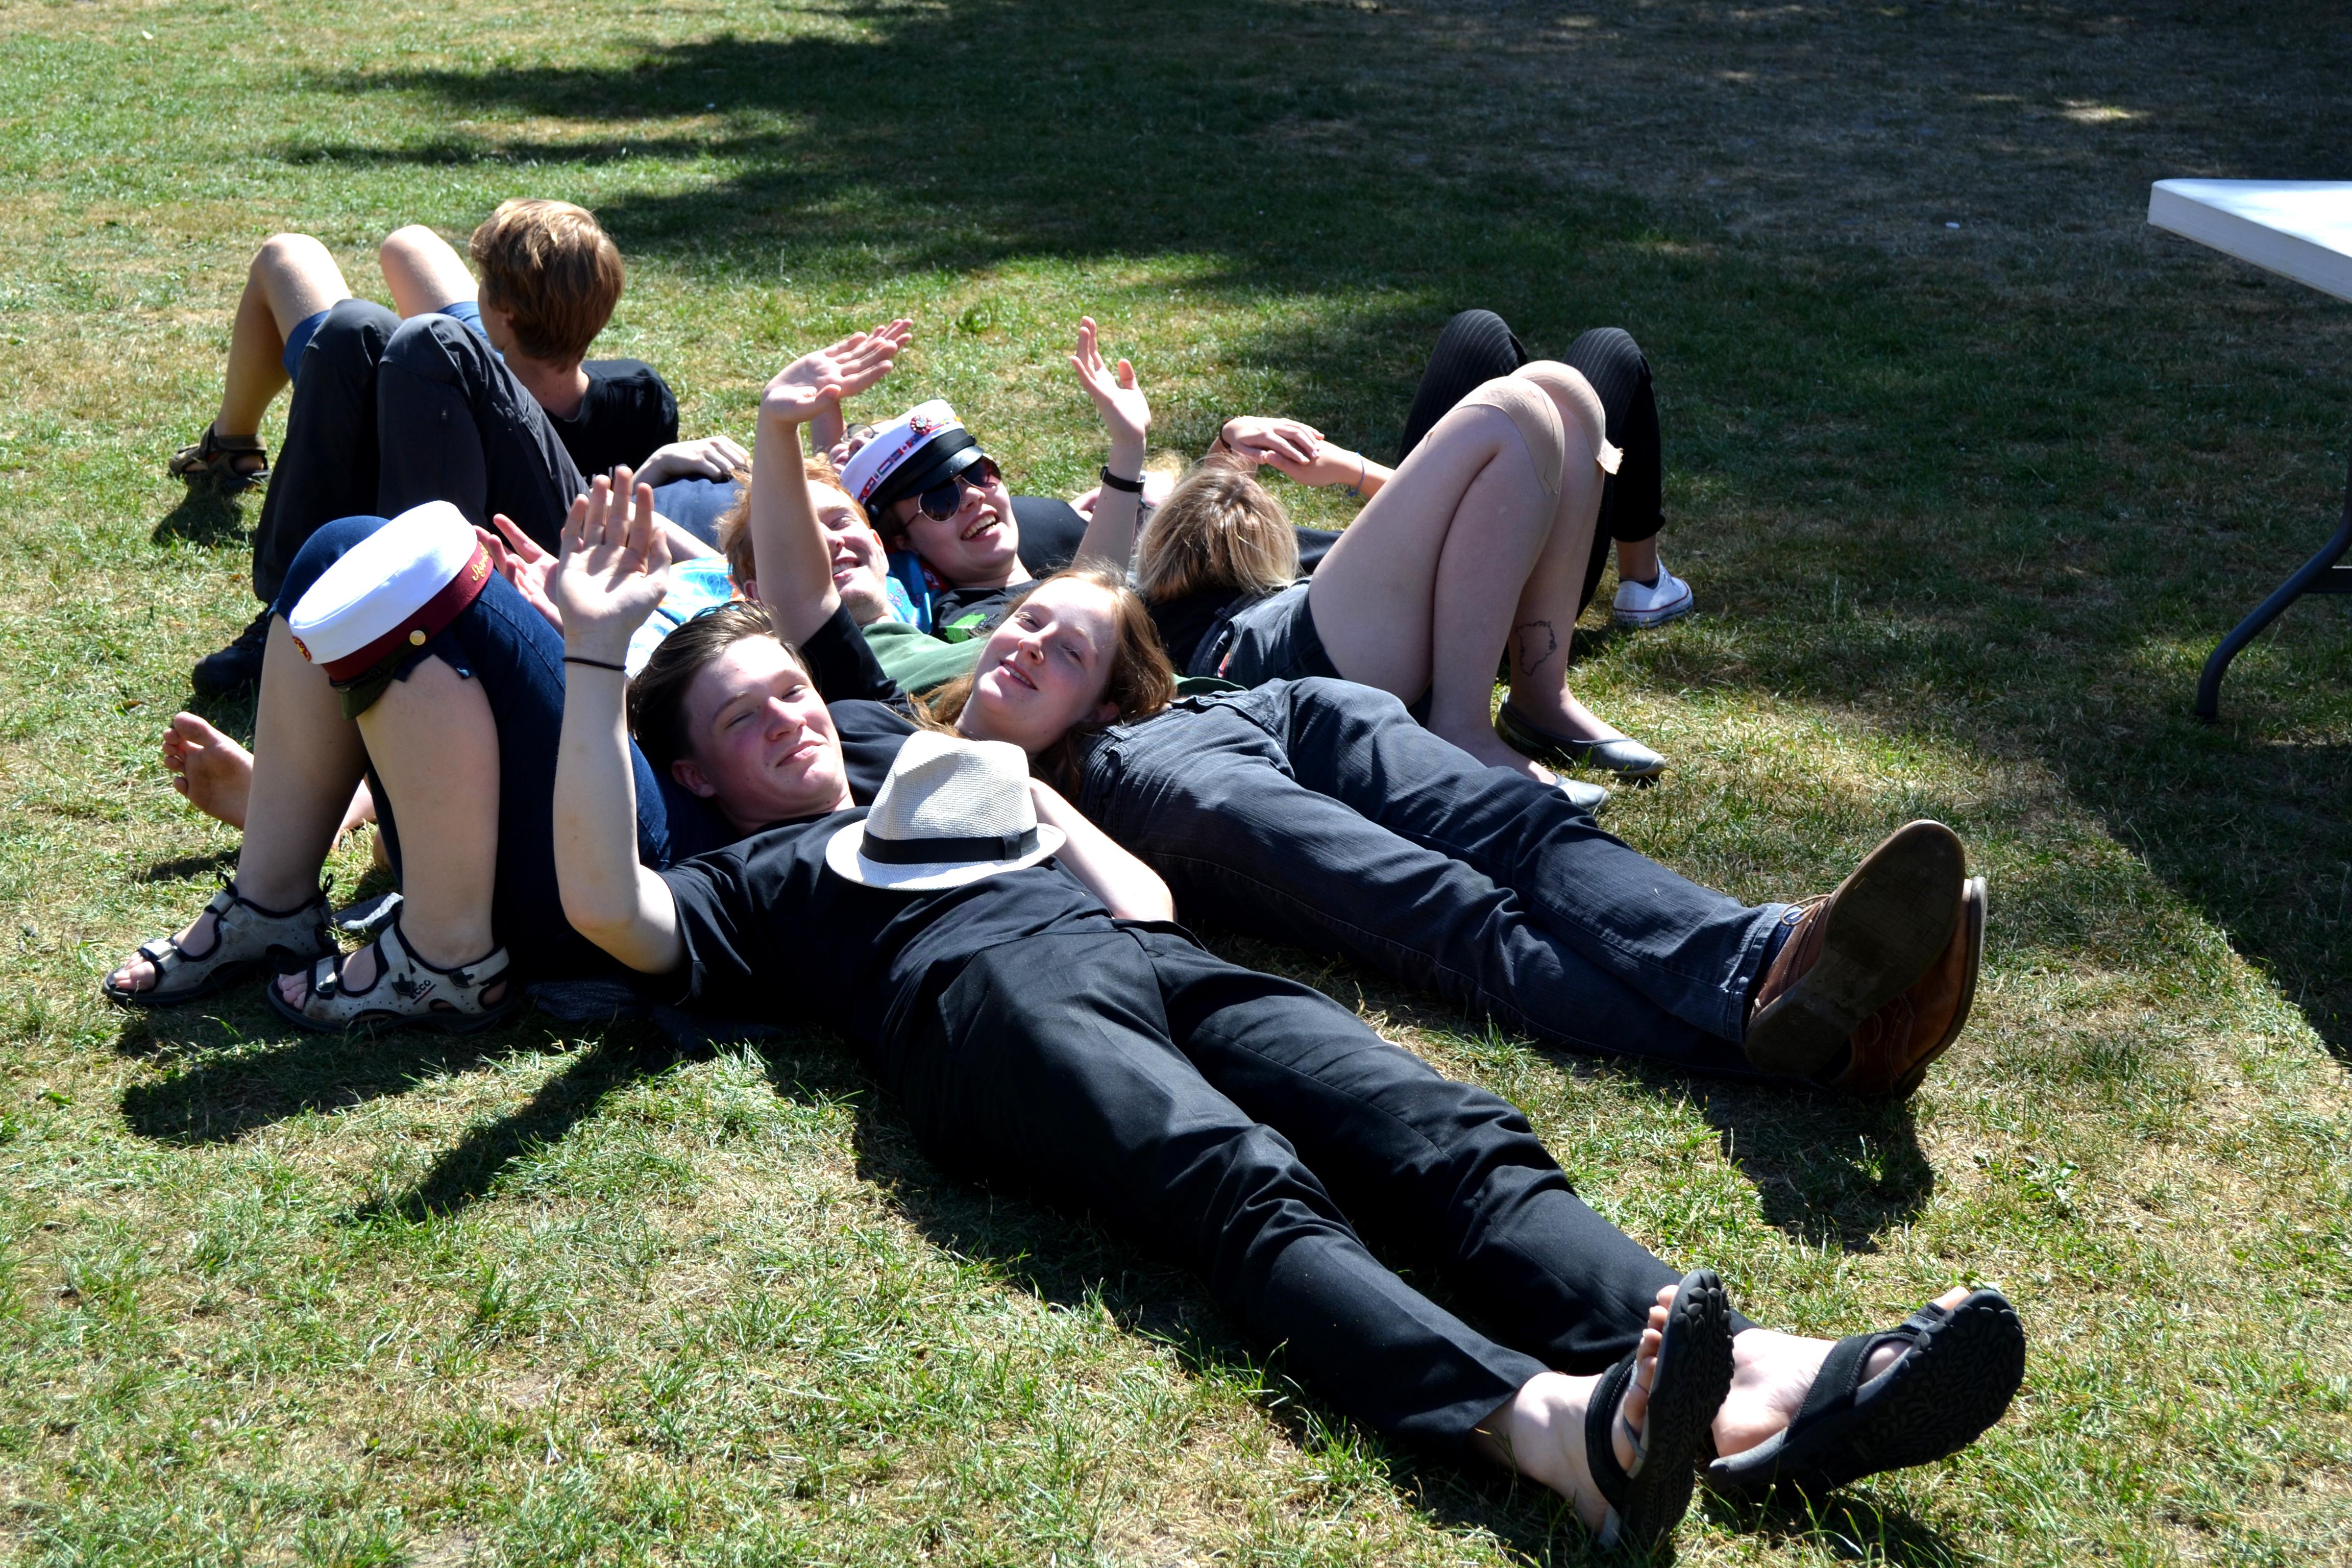 Afslapning på græsplænen på Vesterlund Efterskole